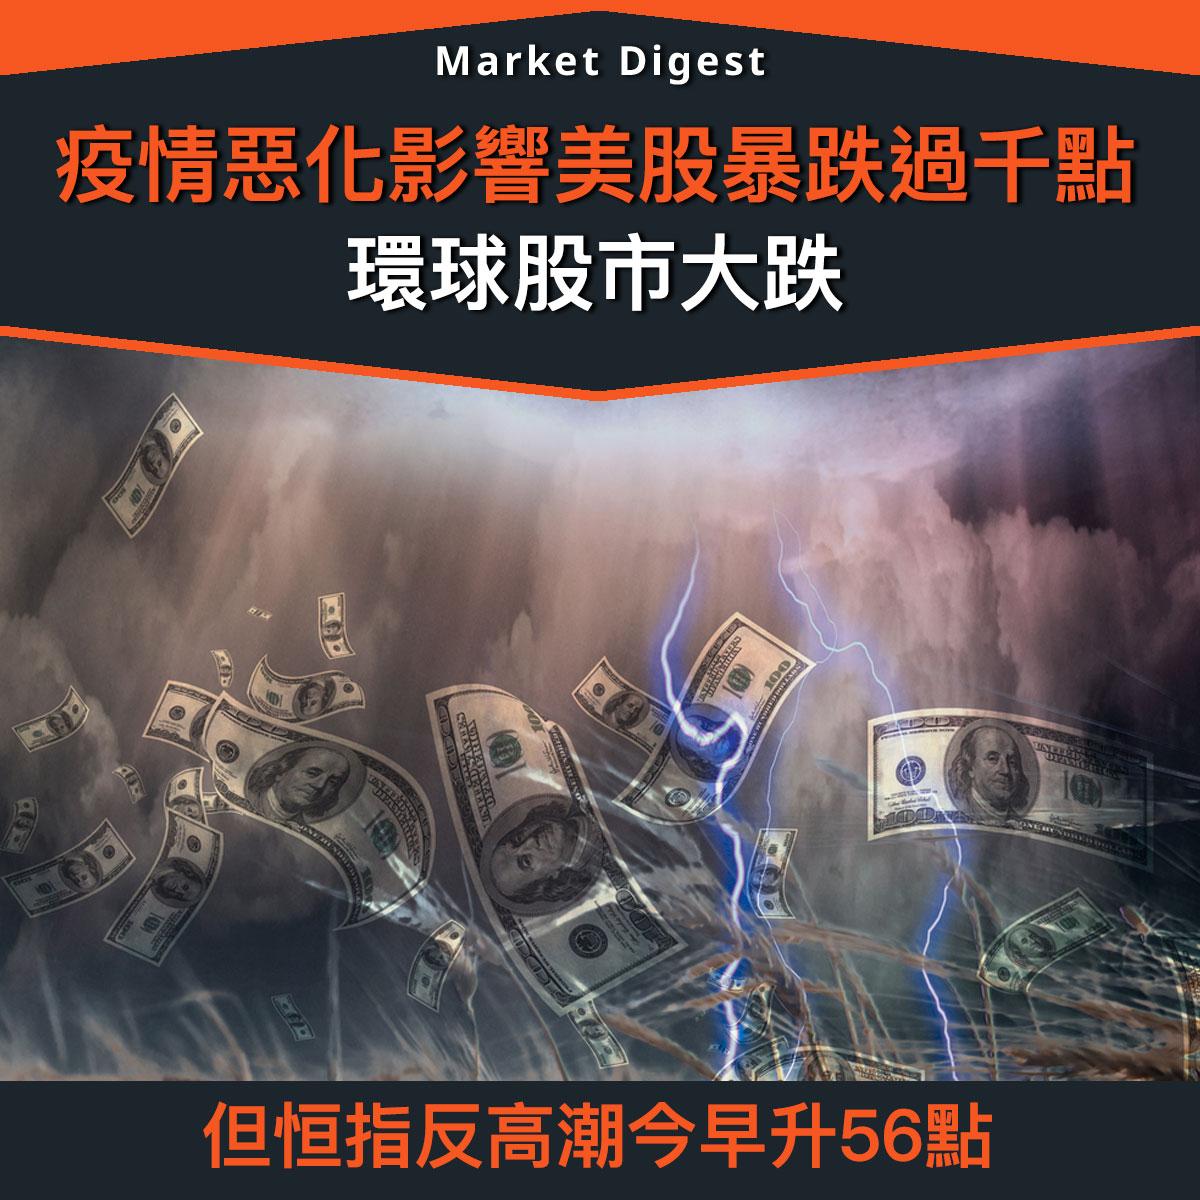 【市場熱話】疫情惡化影響美股暴跌過千點,環球股市大跌